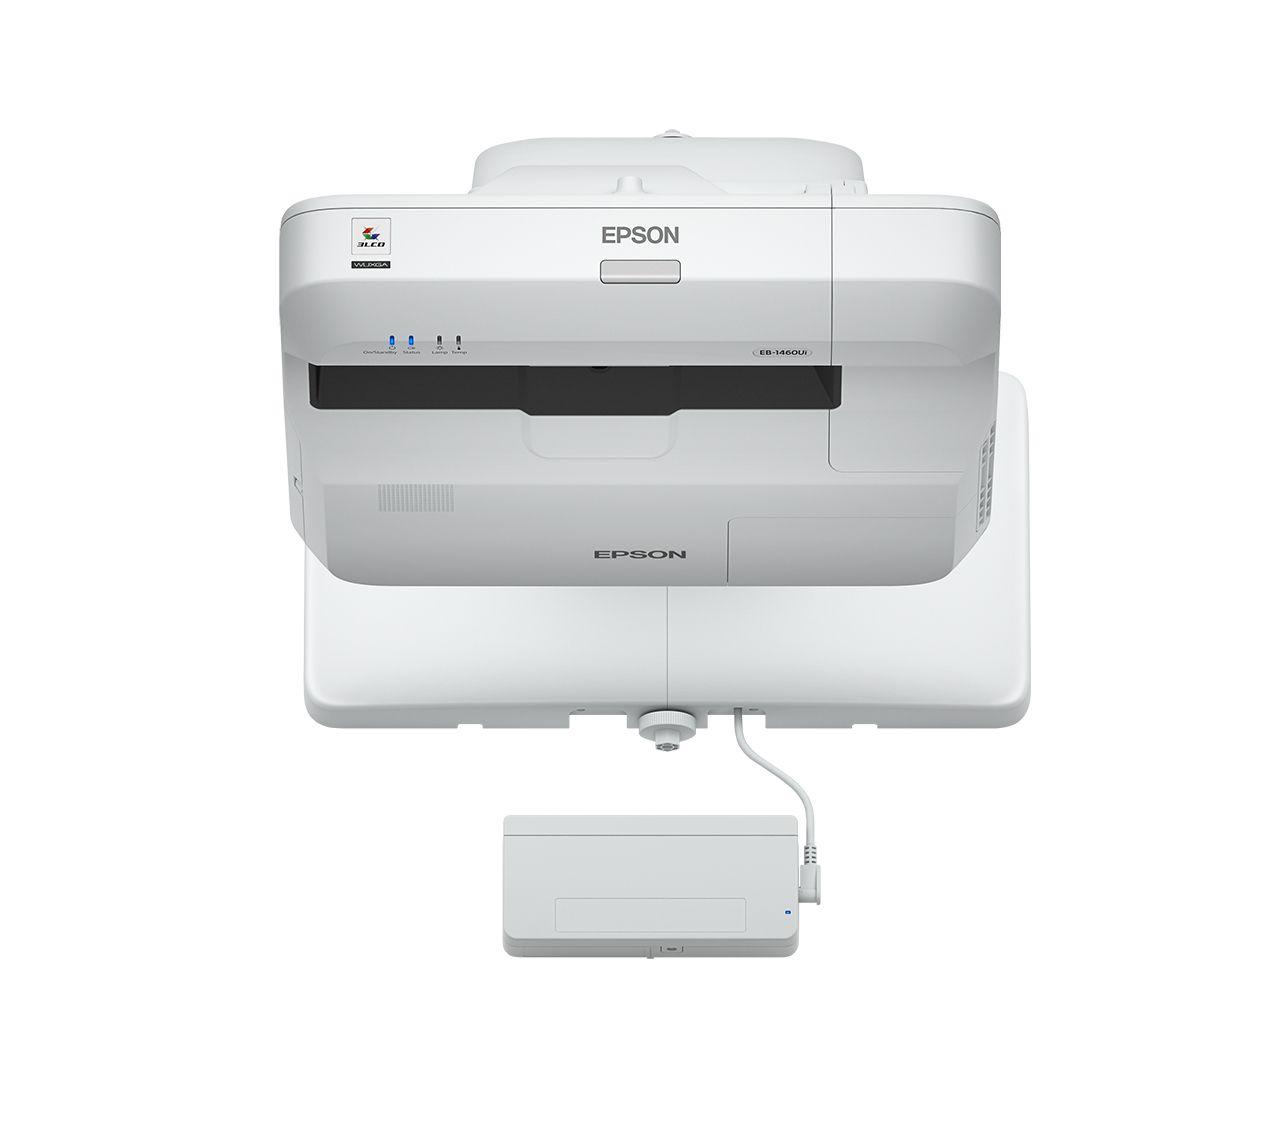 Epson EB-1460Ui